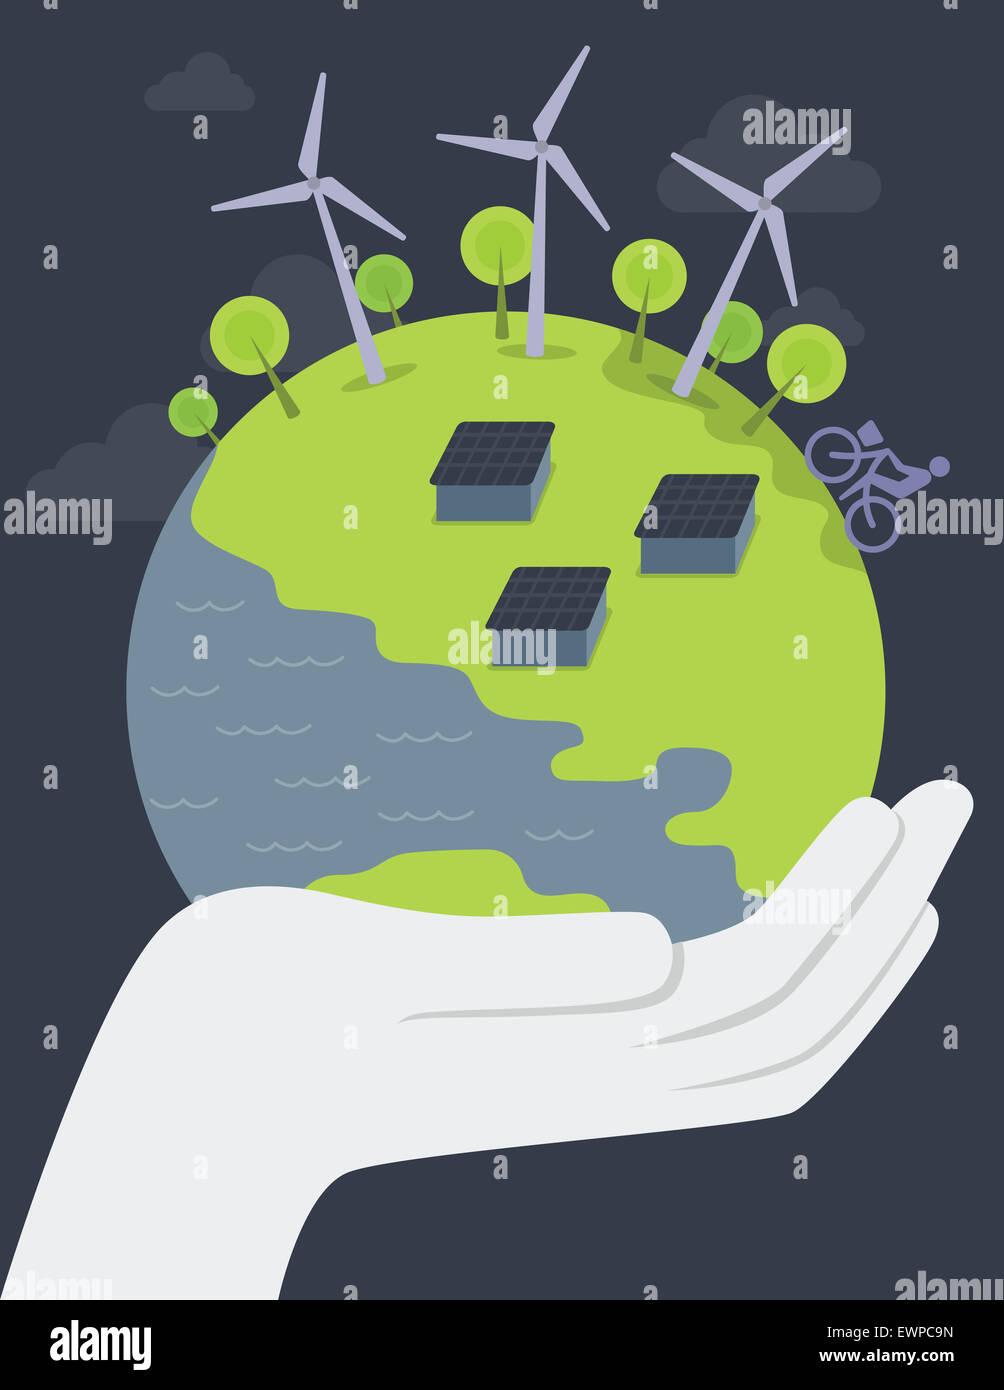 Anschauliches Bild der menschlichen Hand, die Welt repräsentieren Konzepte der Erde retten Stockbild